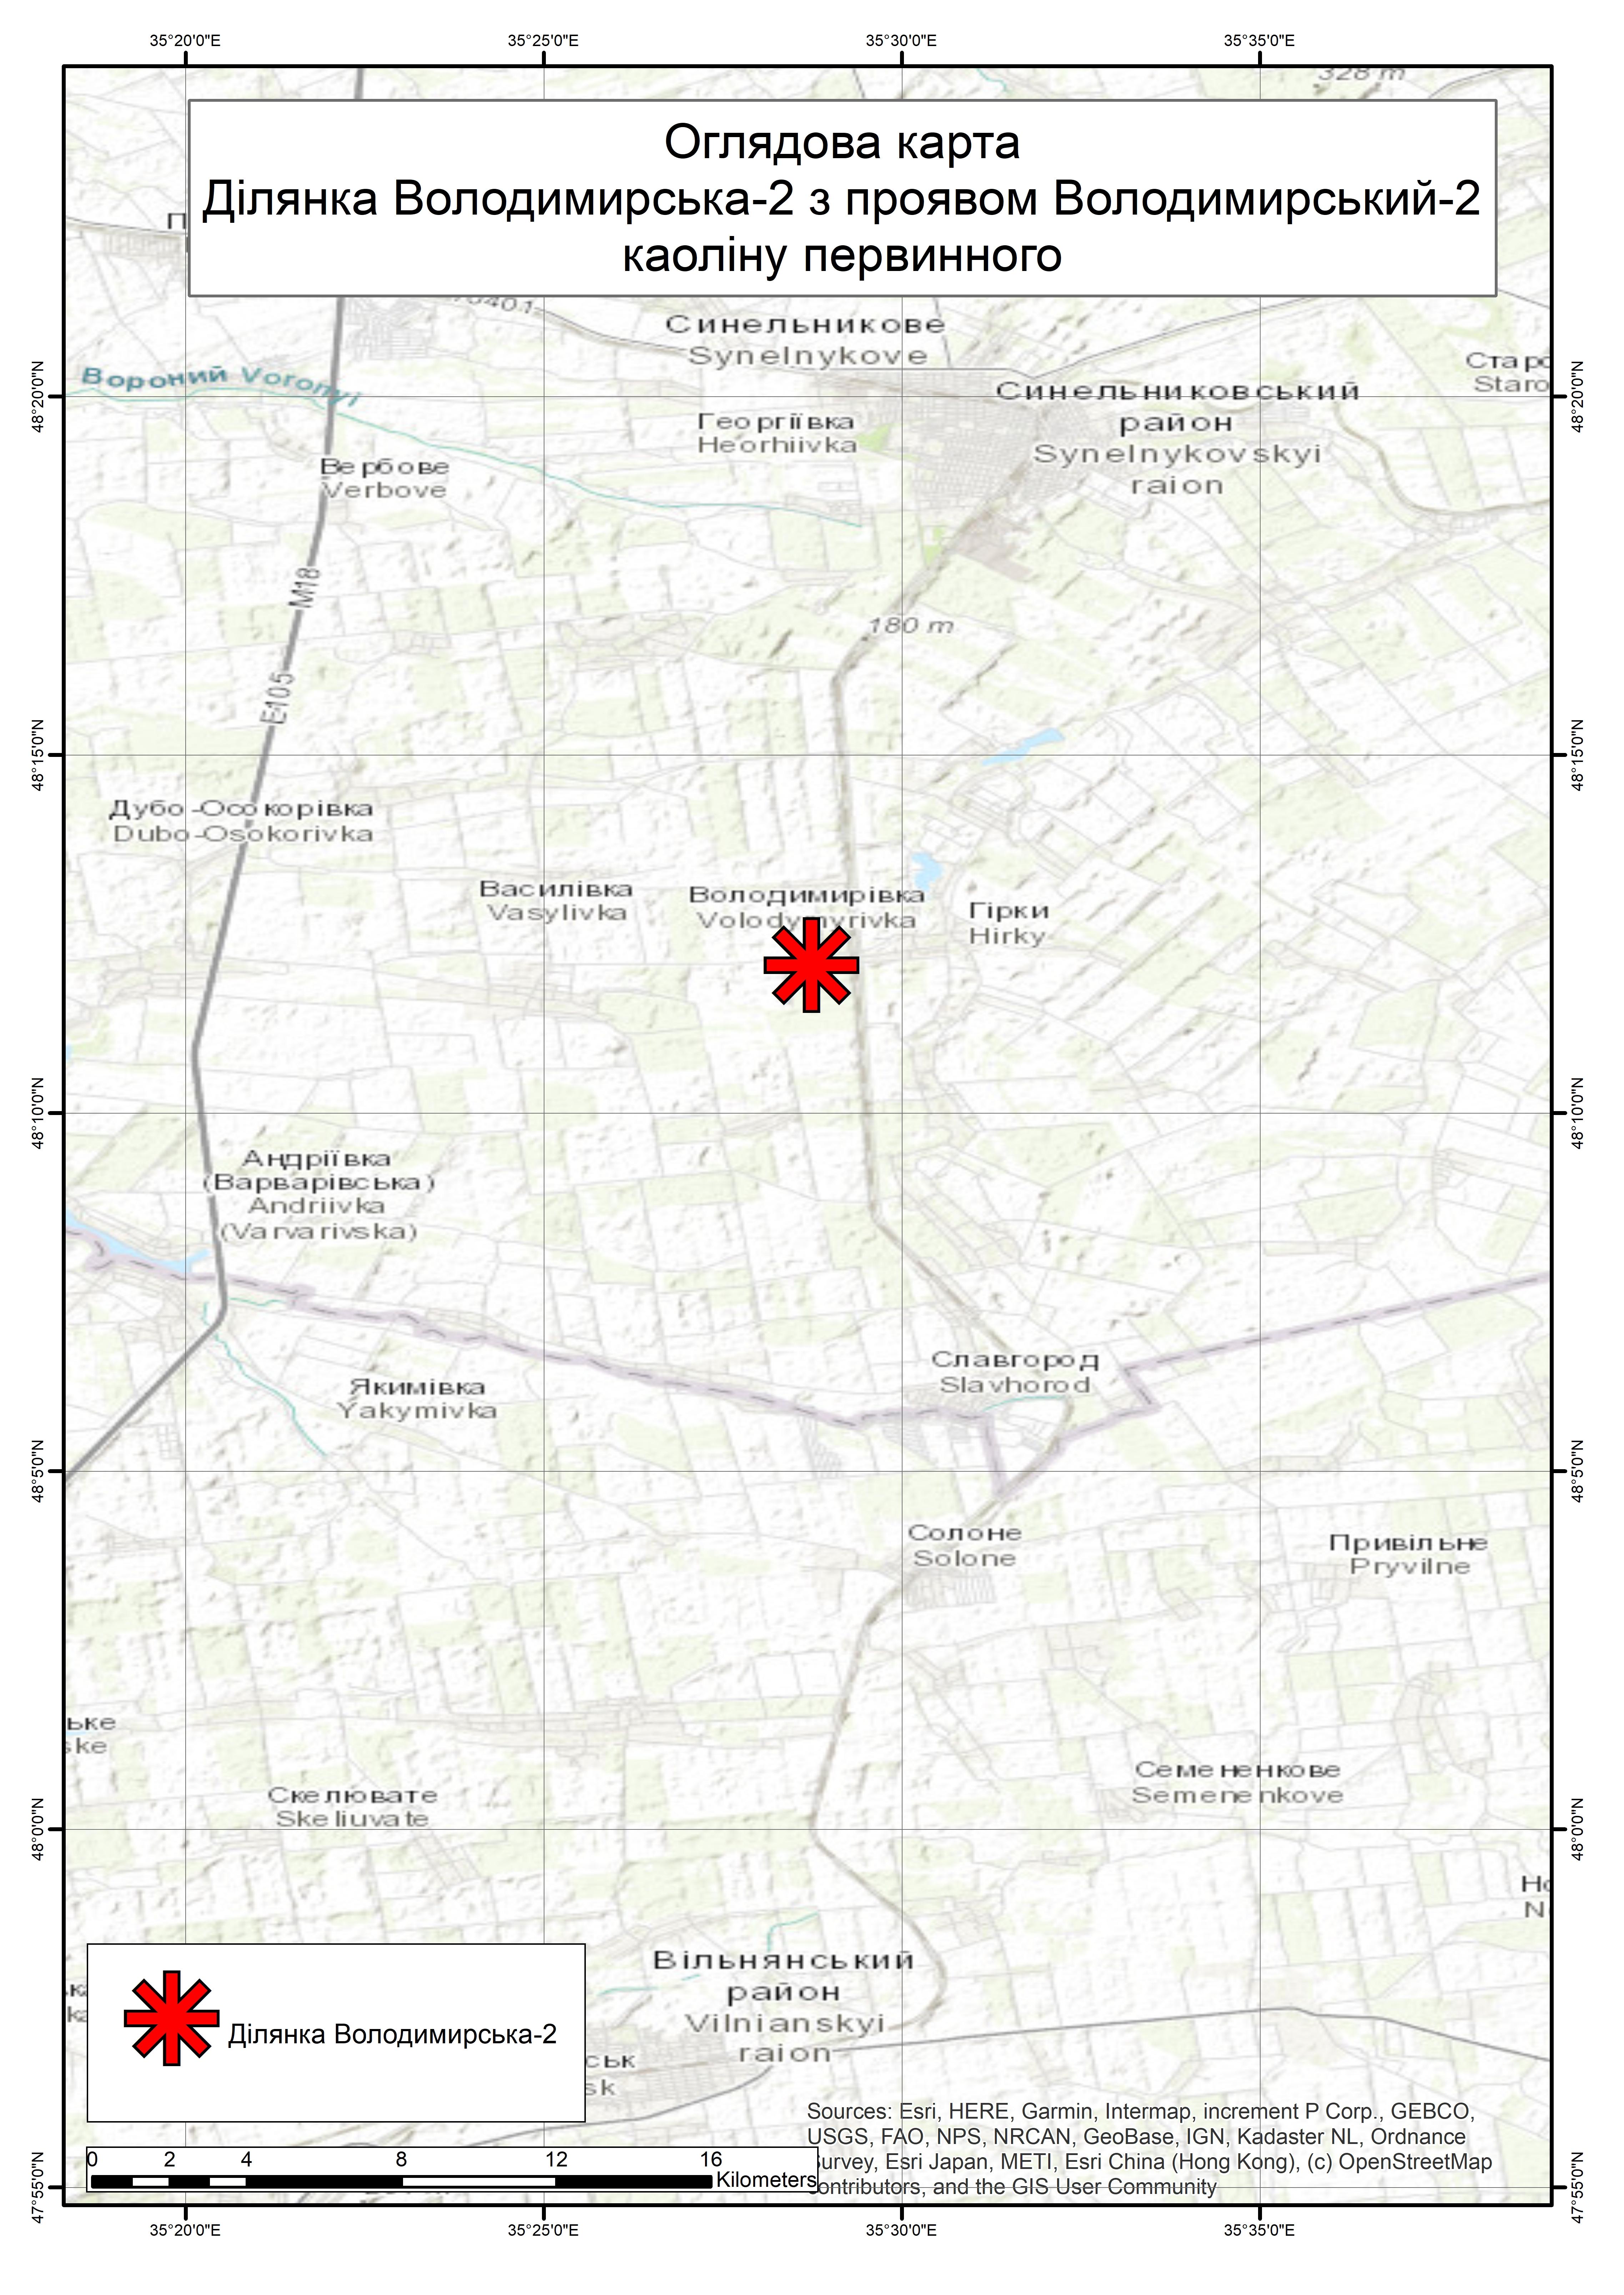 Спеціальний дозвіл на користування надрами – Ділянка Володимирська-2 з проявом Володимирський-2. Вартість геологічної інформації – 59 889,63 грн (з ПДВ). Вартість пакету аукціонної документації – 11 874,84  (з ПДВ).